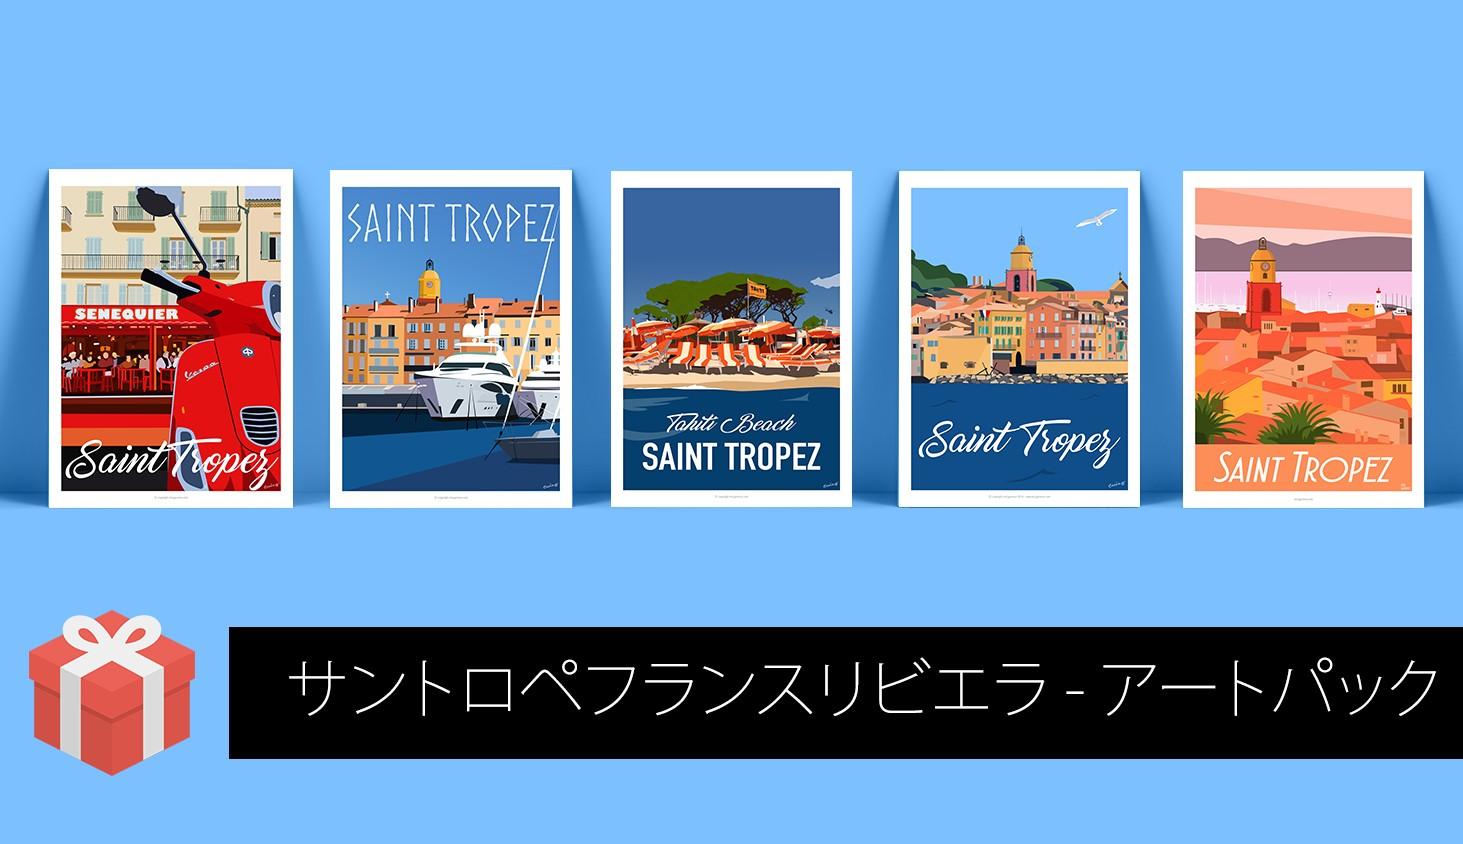 サントロペ - アートワークパック